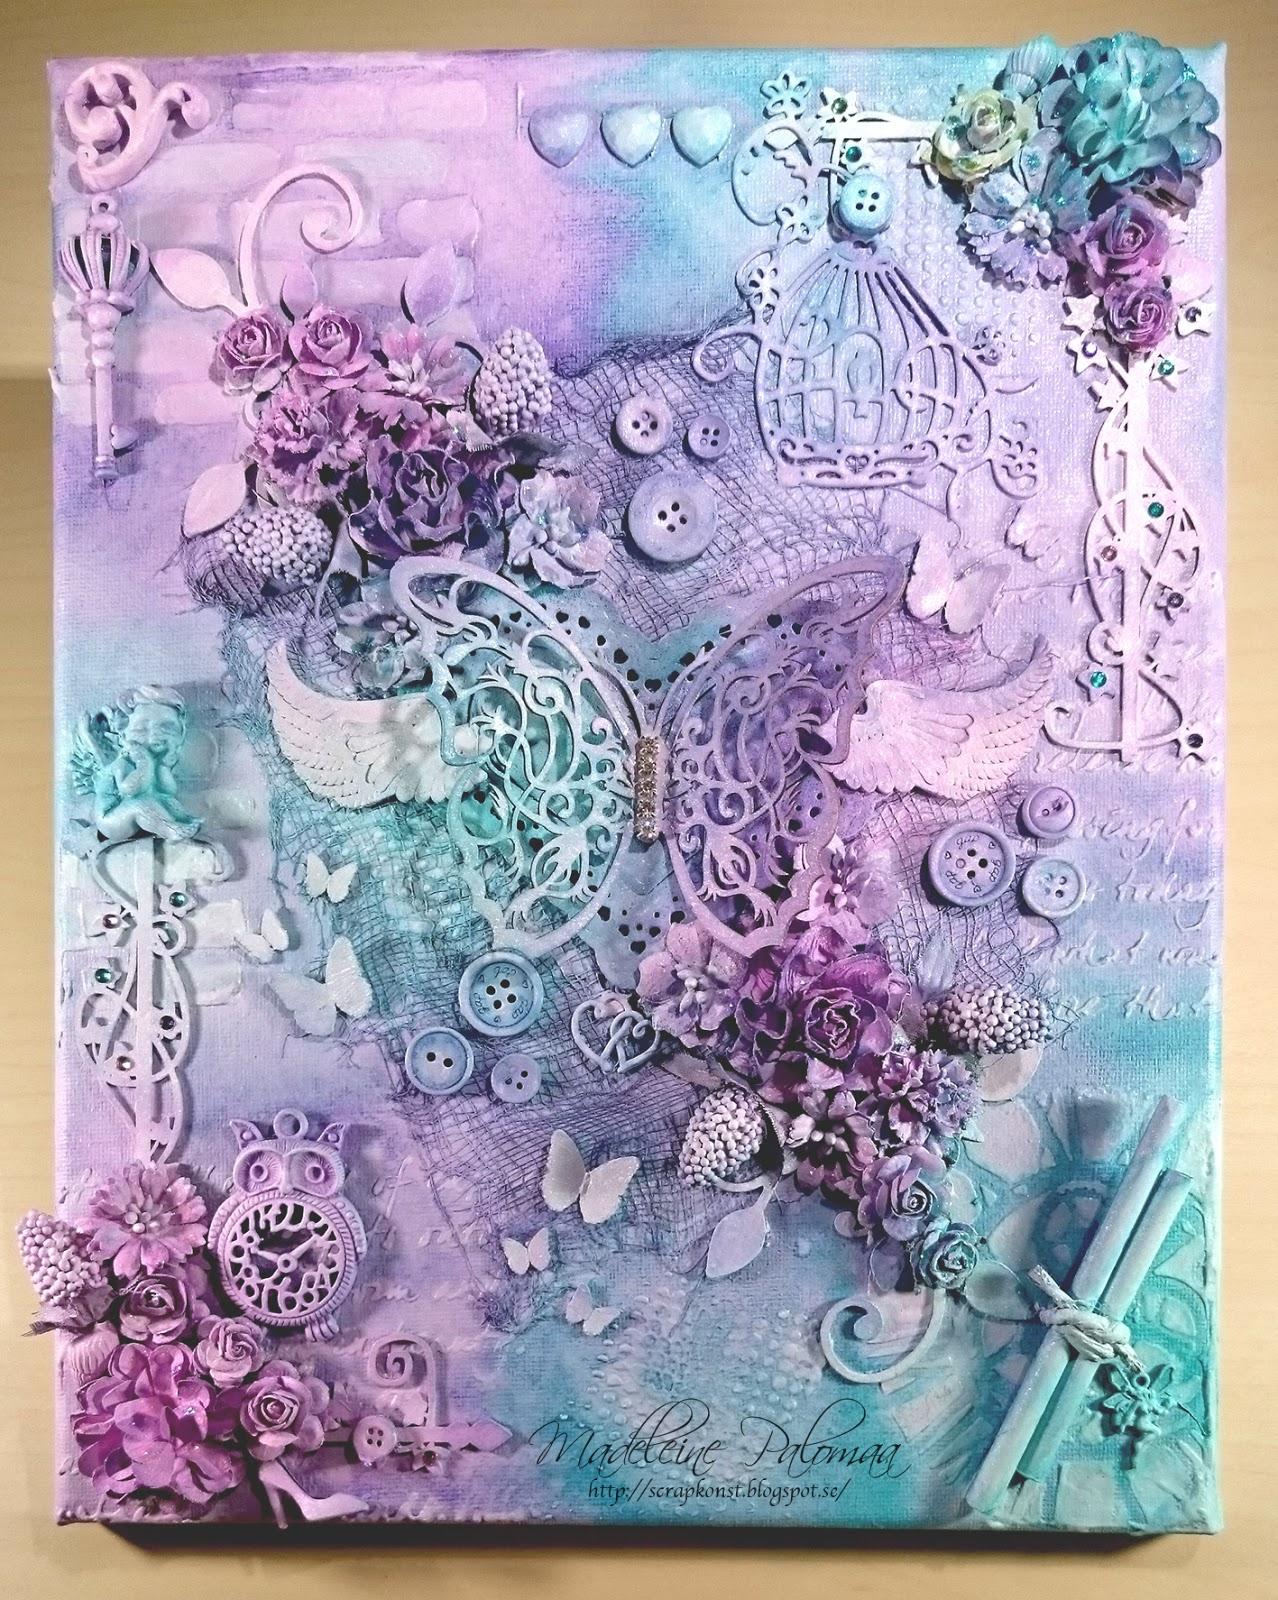 Scrapkonst: A colourful mixed media canvas Scrapkonst